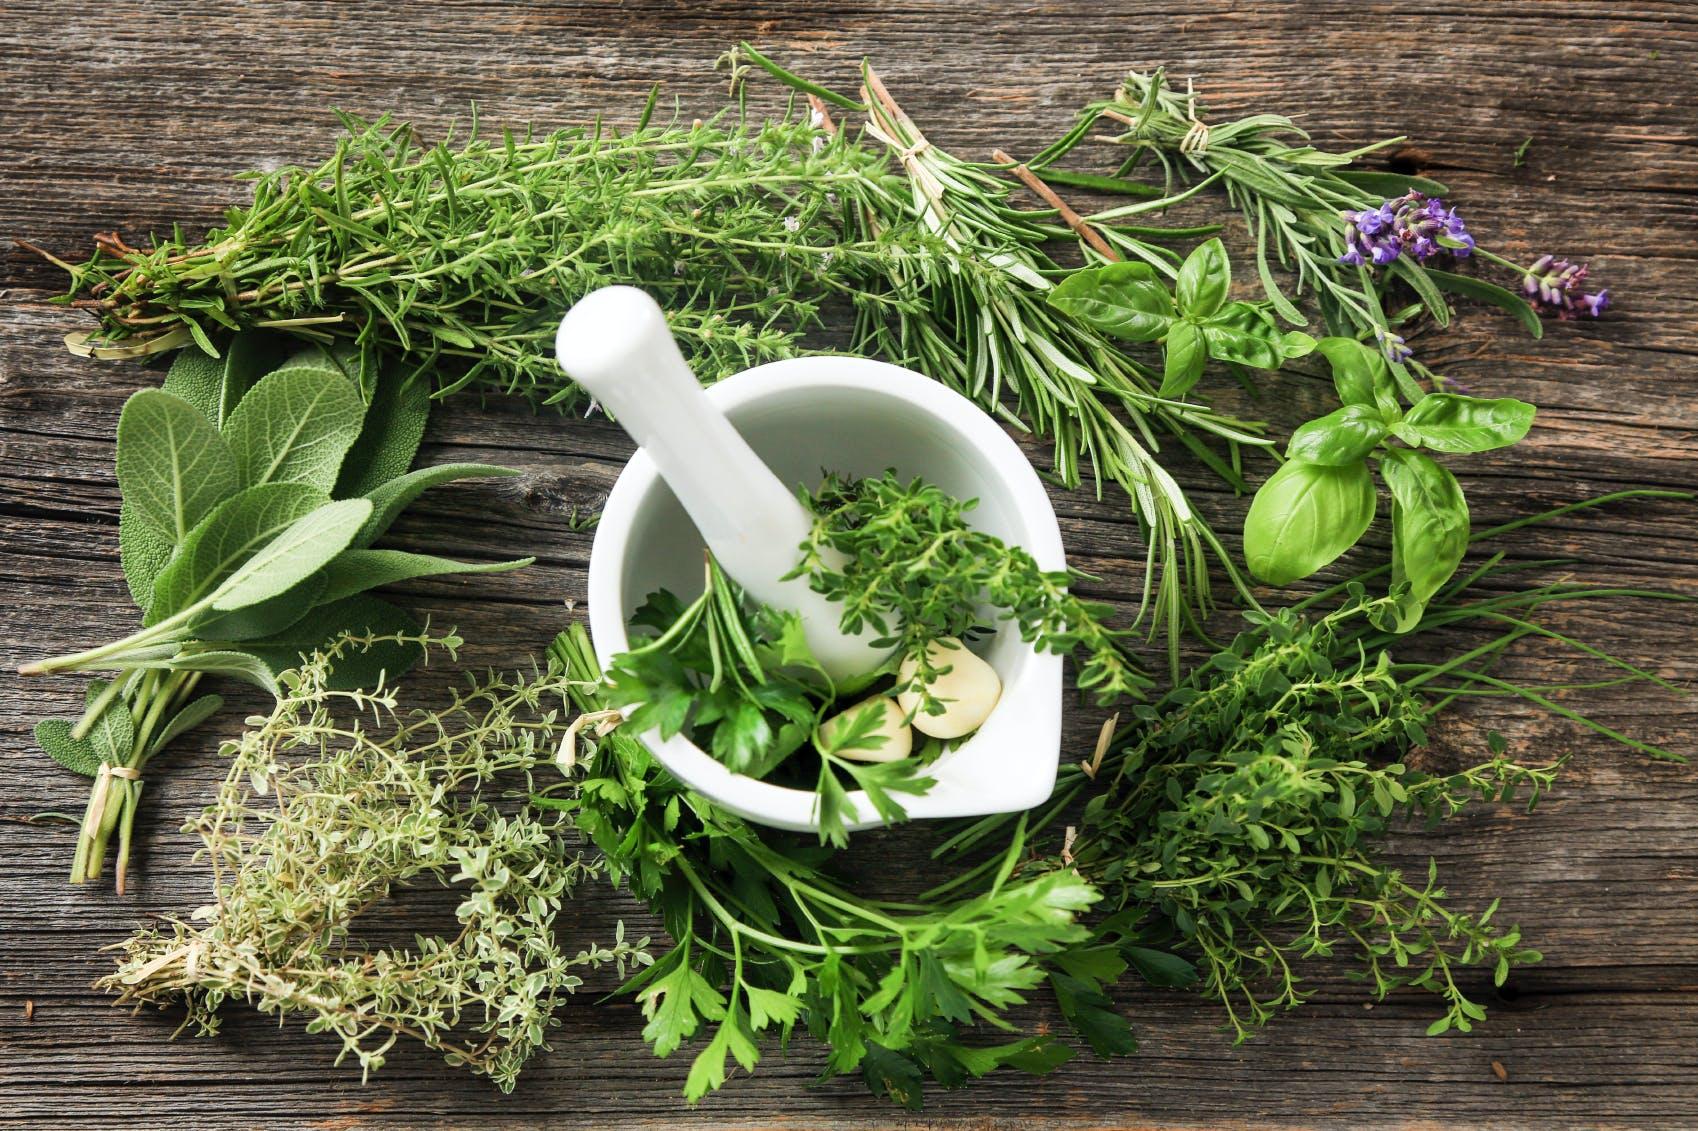 Le basilic et l'aloe vera efficaces contre les démangeaisons cutanées -  Tendances People Mag